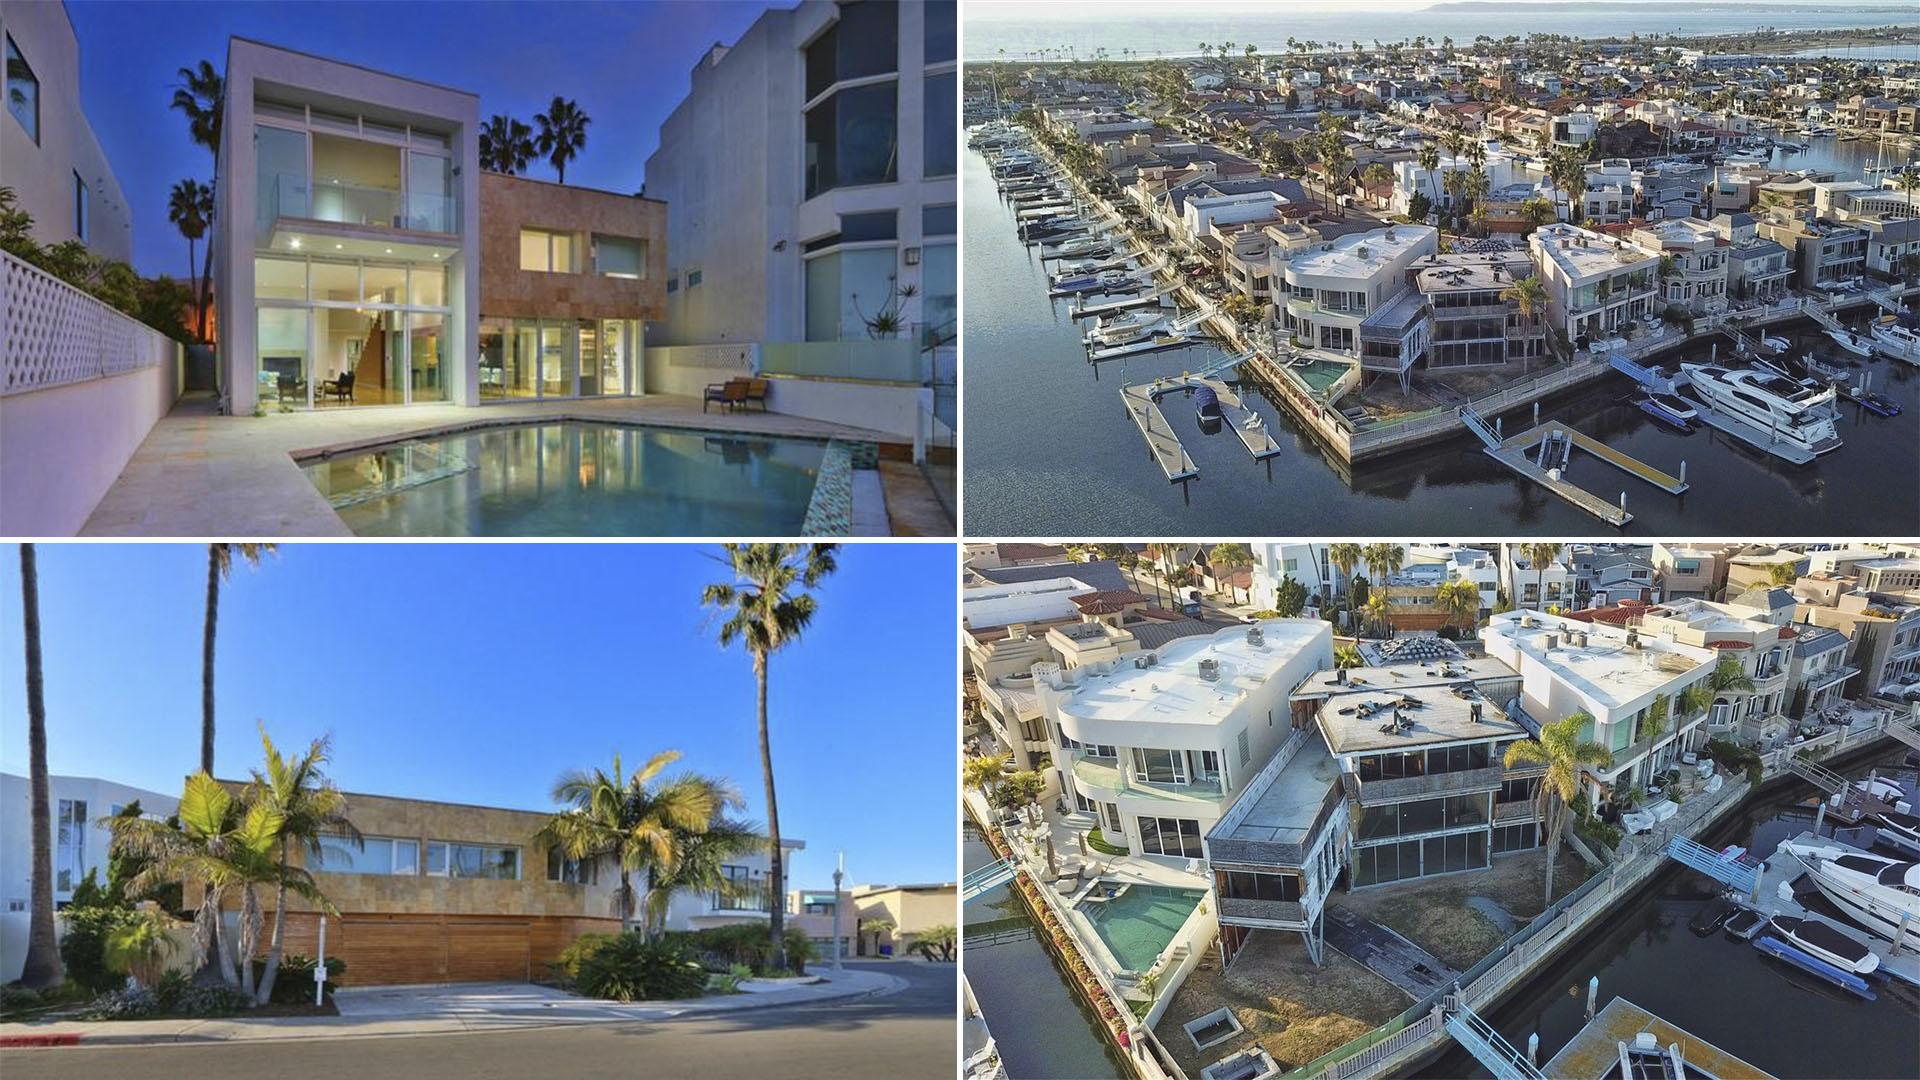 """Las propiedades en venta de """"la maestra"""" Elba Esther Gordillo en San Diego, California. (Fotos: portal redfin.com)"""